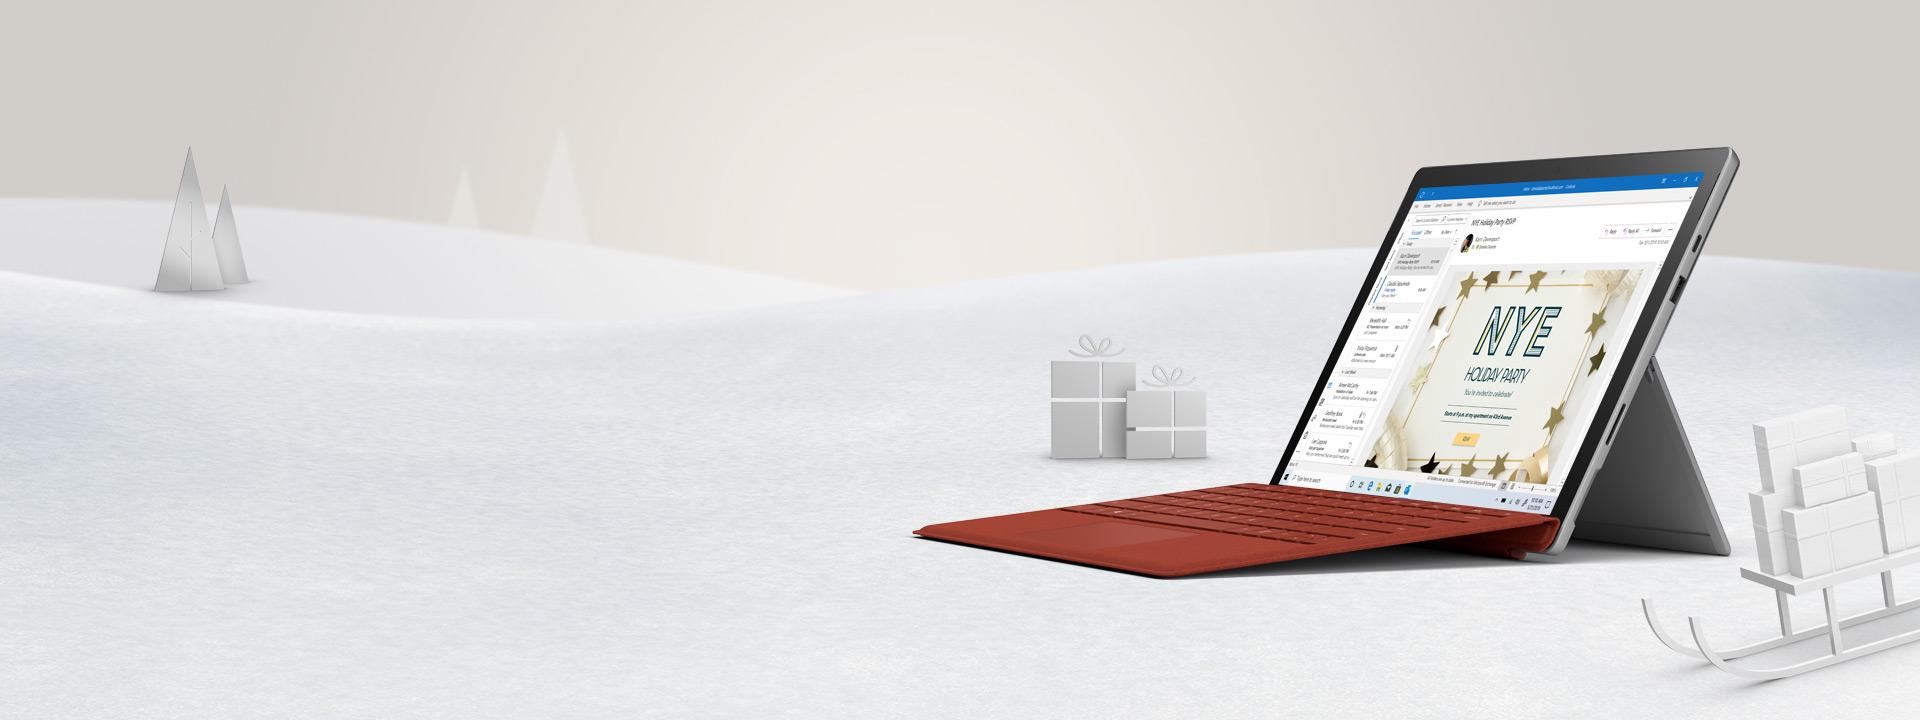 Mit dem neuen Surface Pro 7 Möglichkeiten schaffen